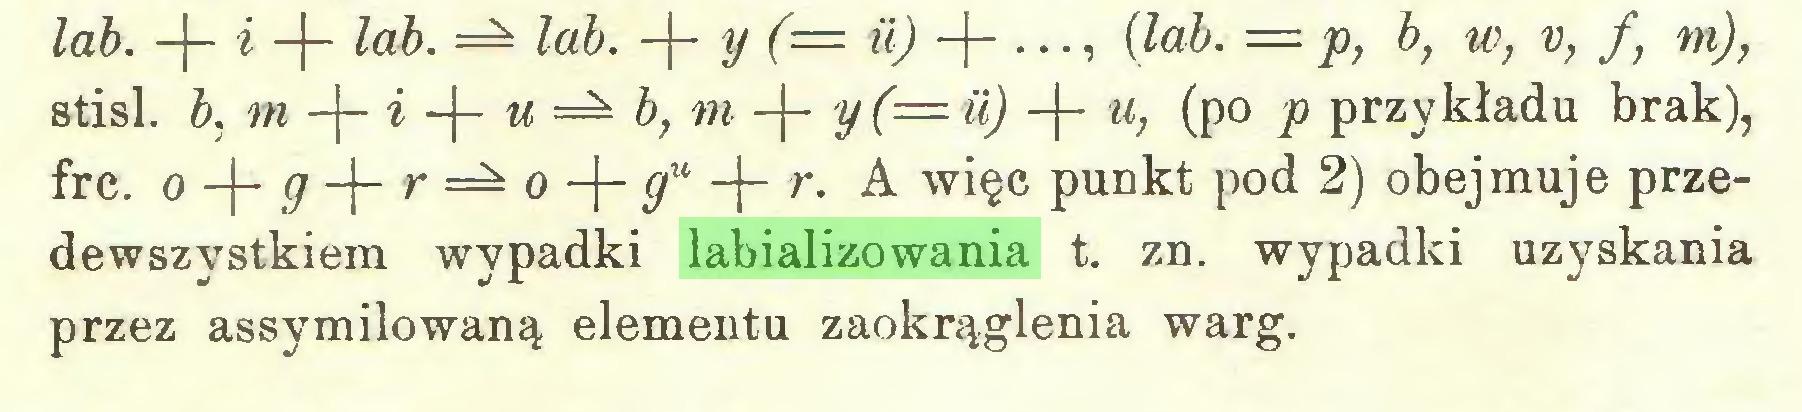 (...) lab. -j- i -j- lab. lab. -|- y (= ii) -j- ..., {lab. = p, b, w, v, f, m), stisl. b, m -f- i -J- u b, m -(- y(= ii) -f- u, (po p przykładu brak), frc. o g -j- r — o -j— gu -(- r. A więc punkt pod 2) obejmuje przedewszystkiem wypadki labializowania t. zn. wypadki uzyskania przez assymilowaną elementu zaokrąglenia warg...